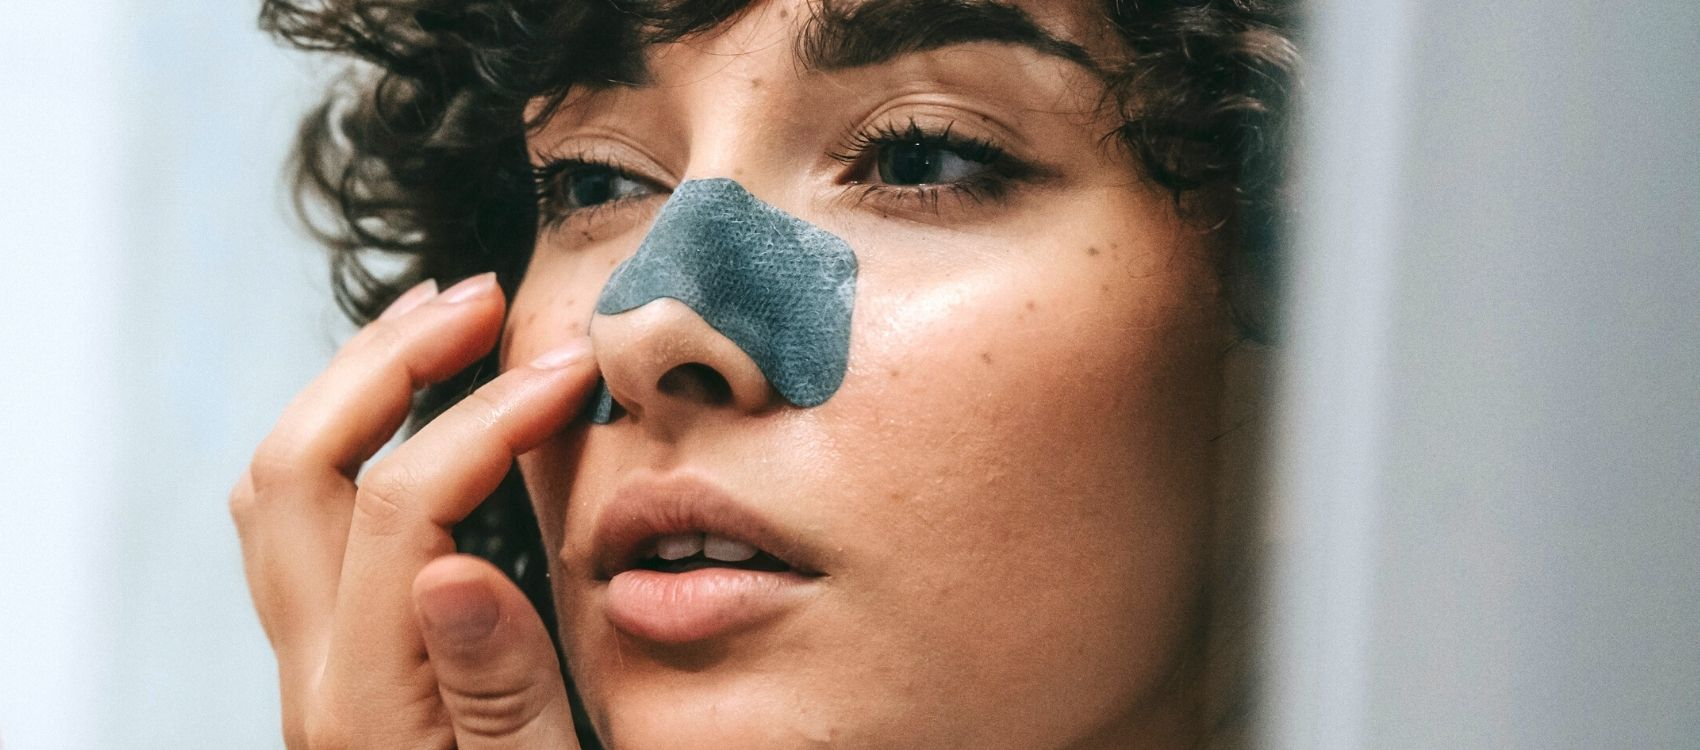 pores and blackheads